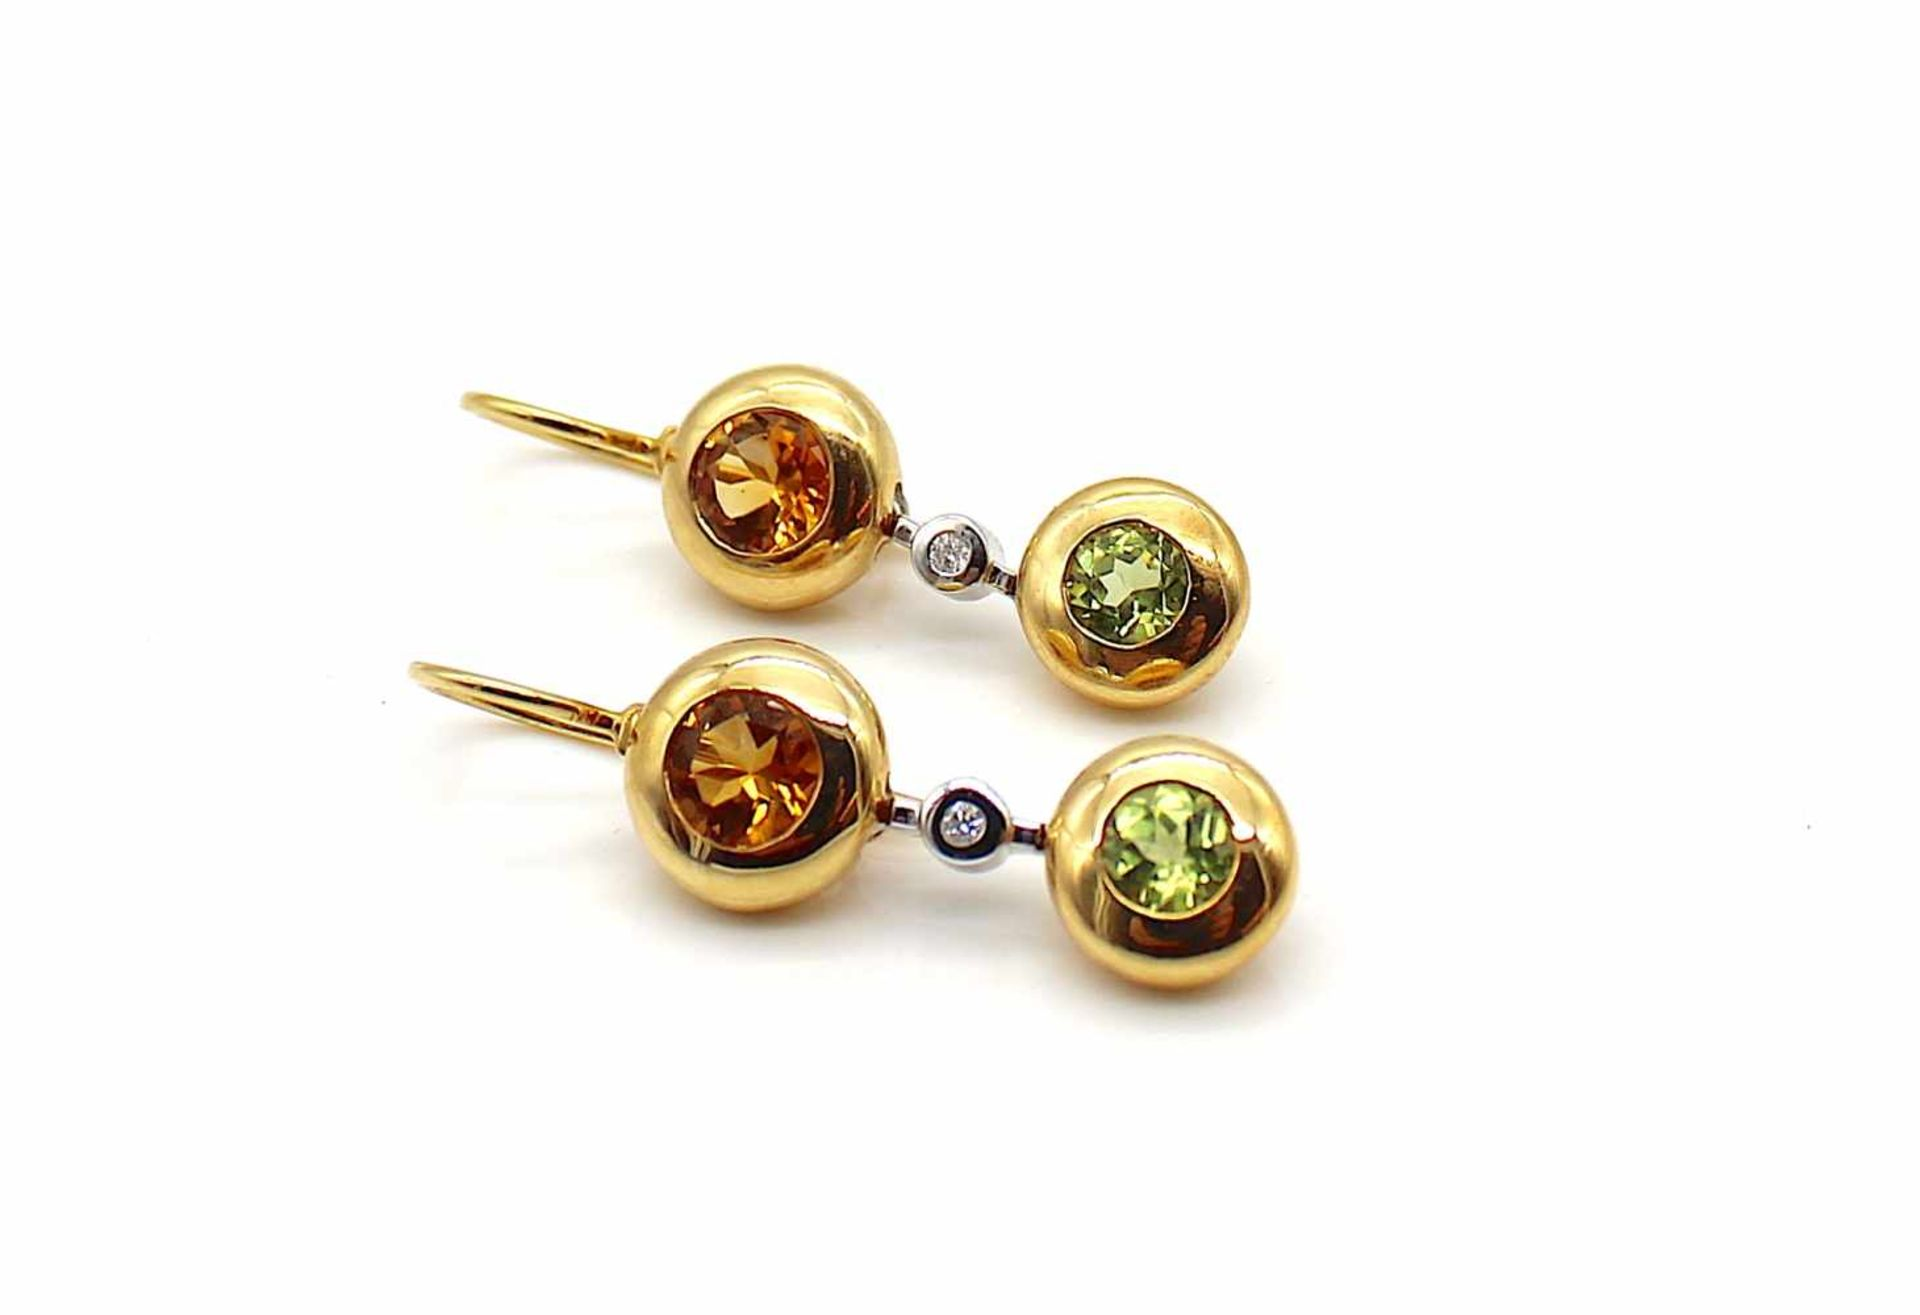 Los 21 - 1 Paar Ohrringe 750 Gold mit je einem Citrin Peridot und Brillant, 8,9 g